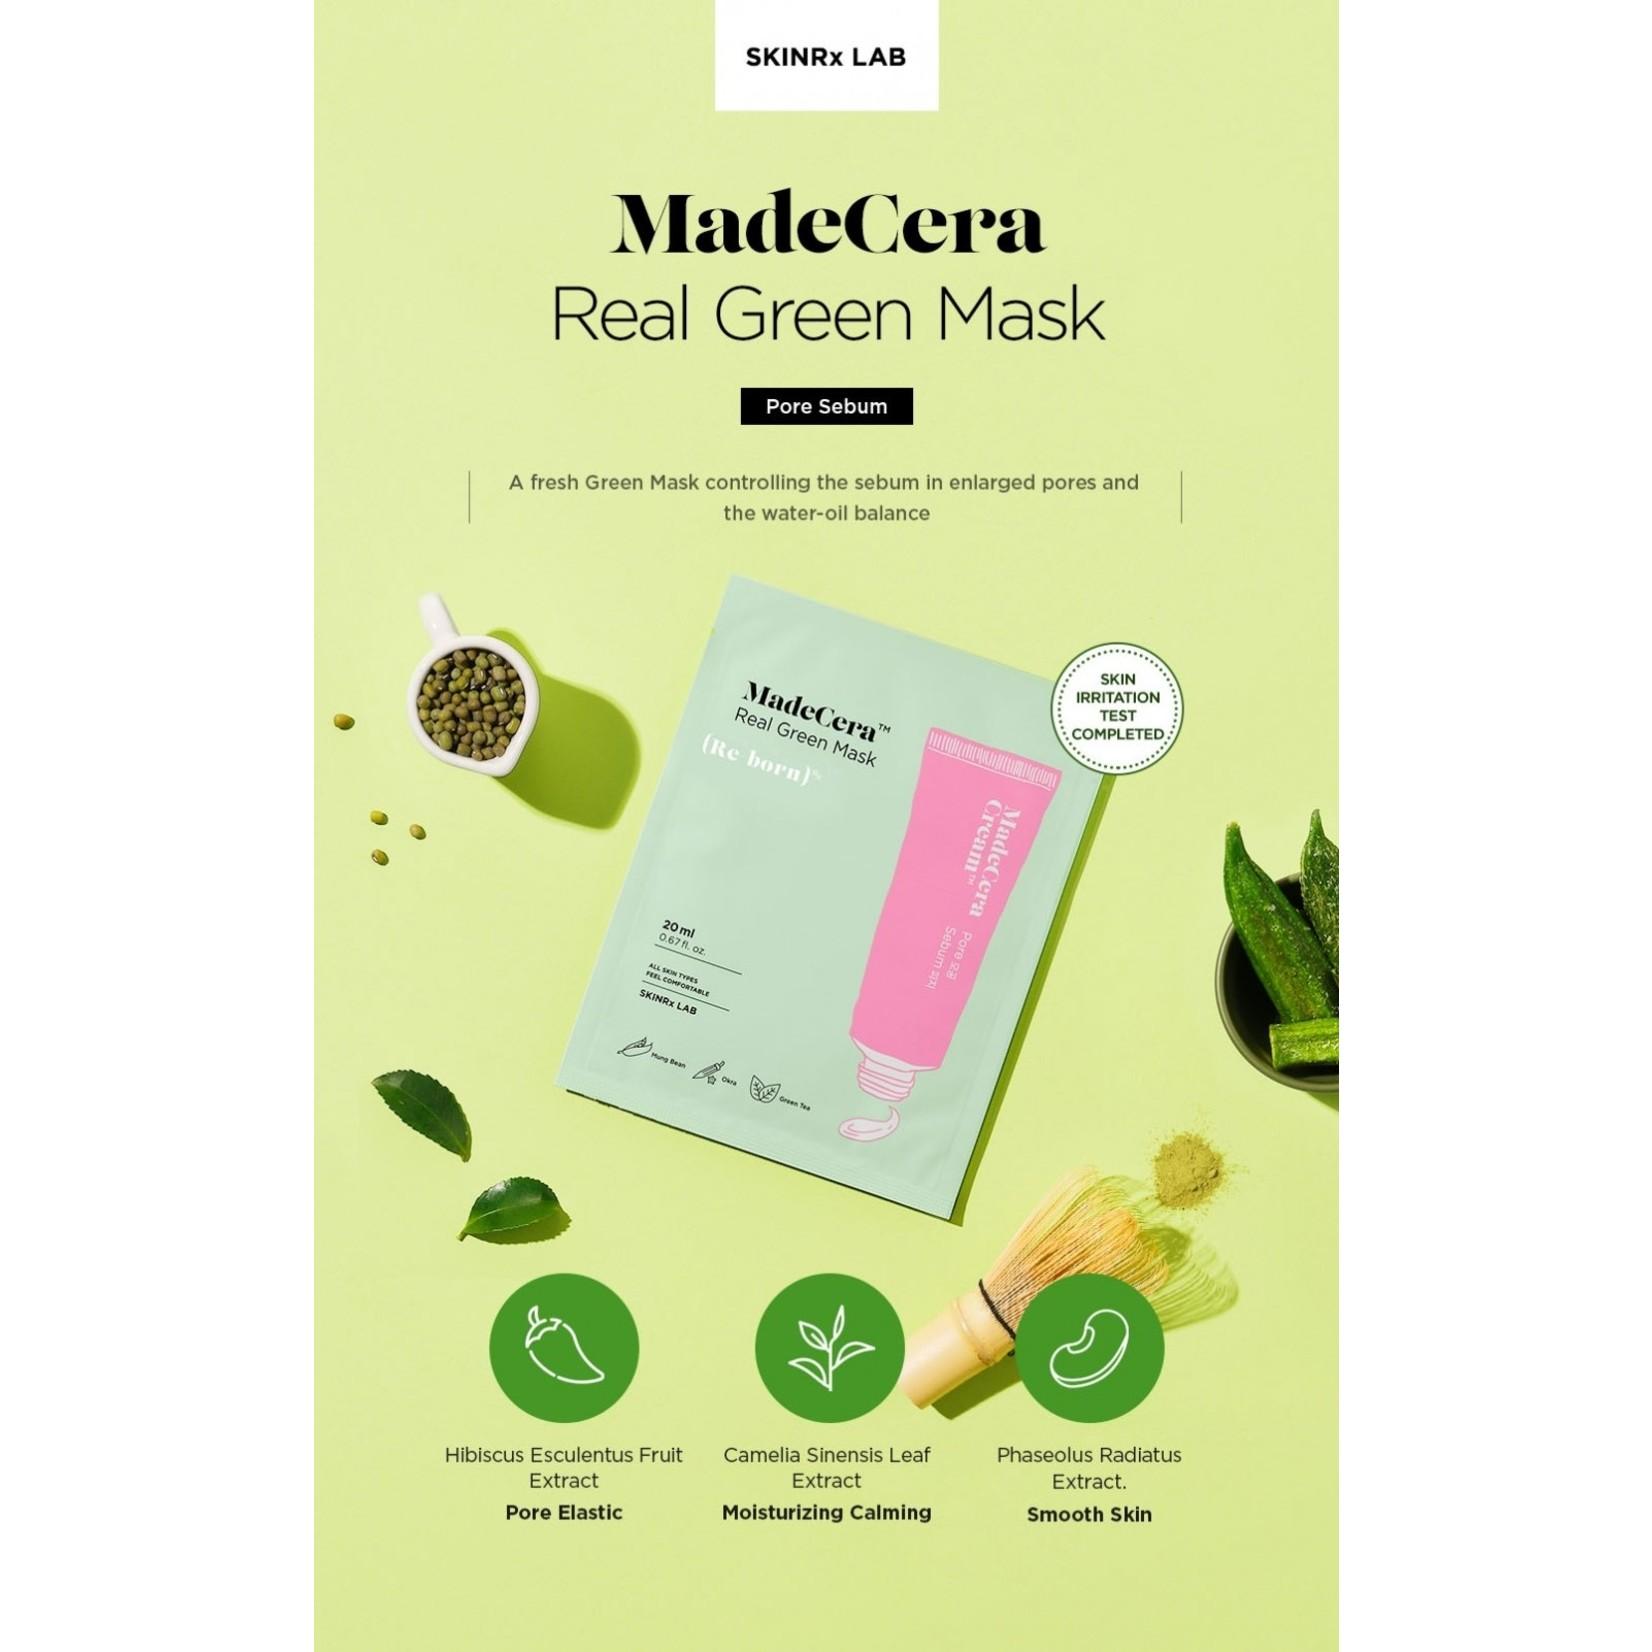 SKINRx LAB MadeCera Real Green Mask